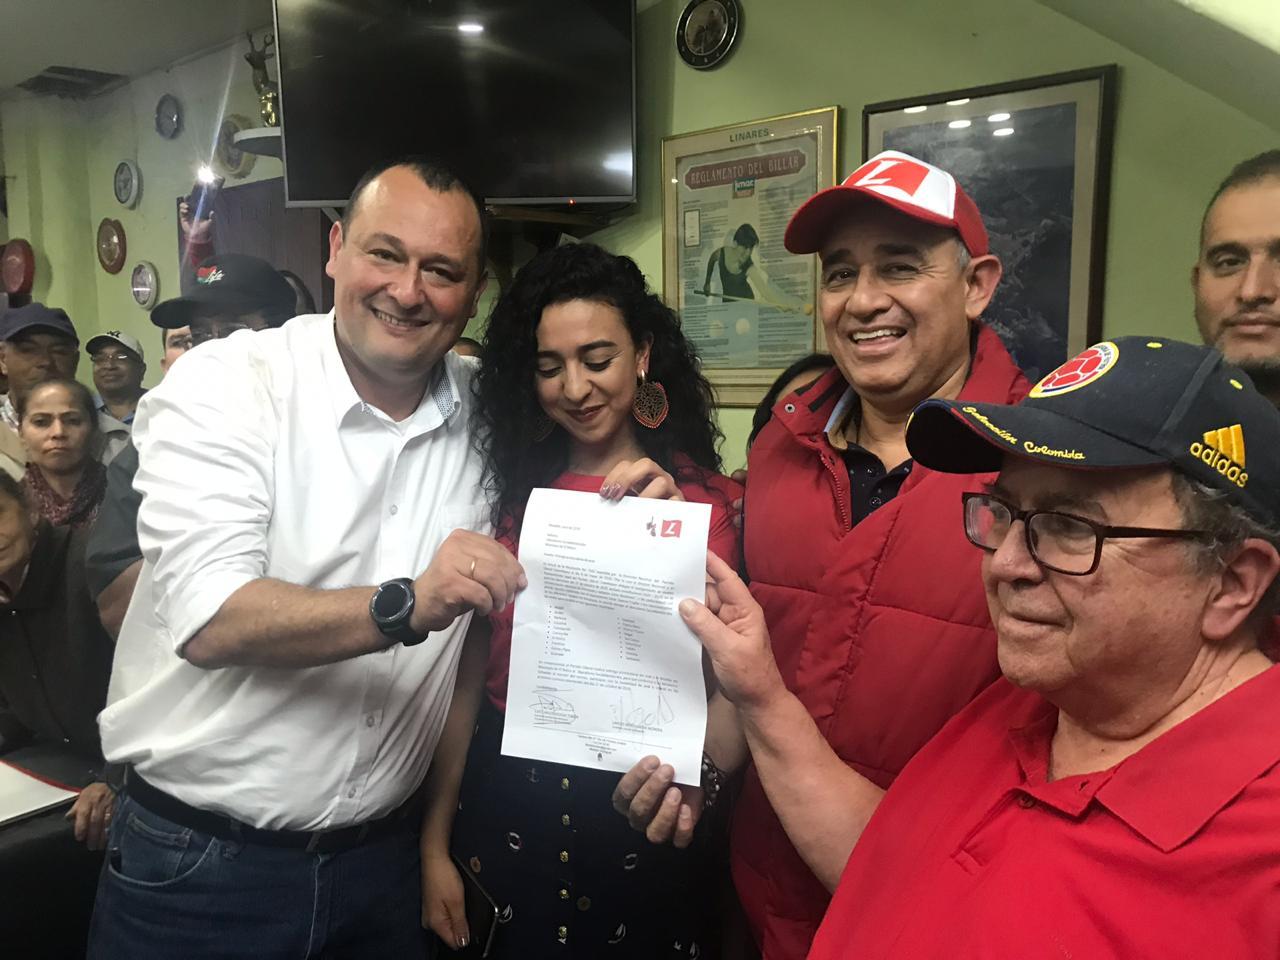 Partido Liberal entrega coaval al candidato a la Alcaldía de El Retiro, Nolber Bedoya